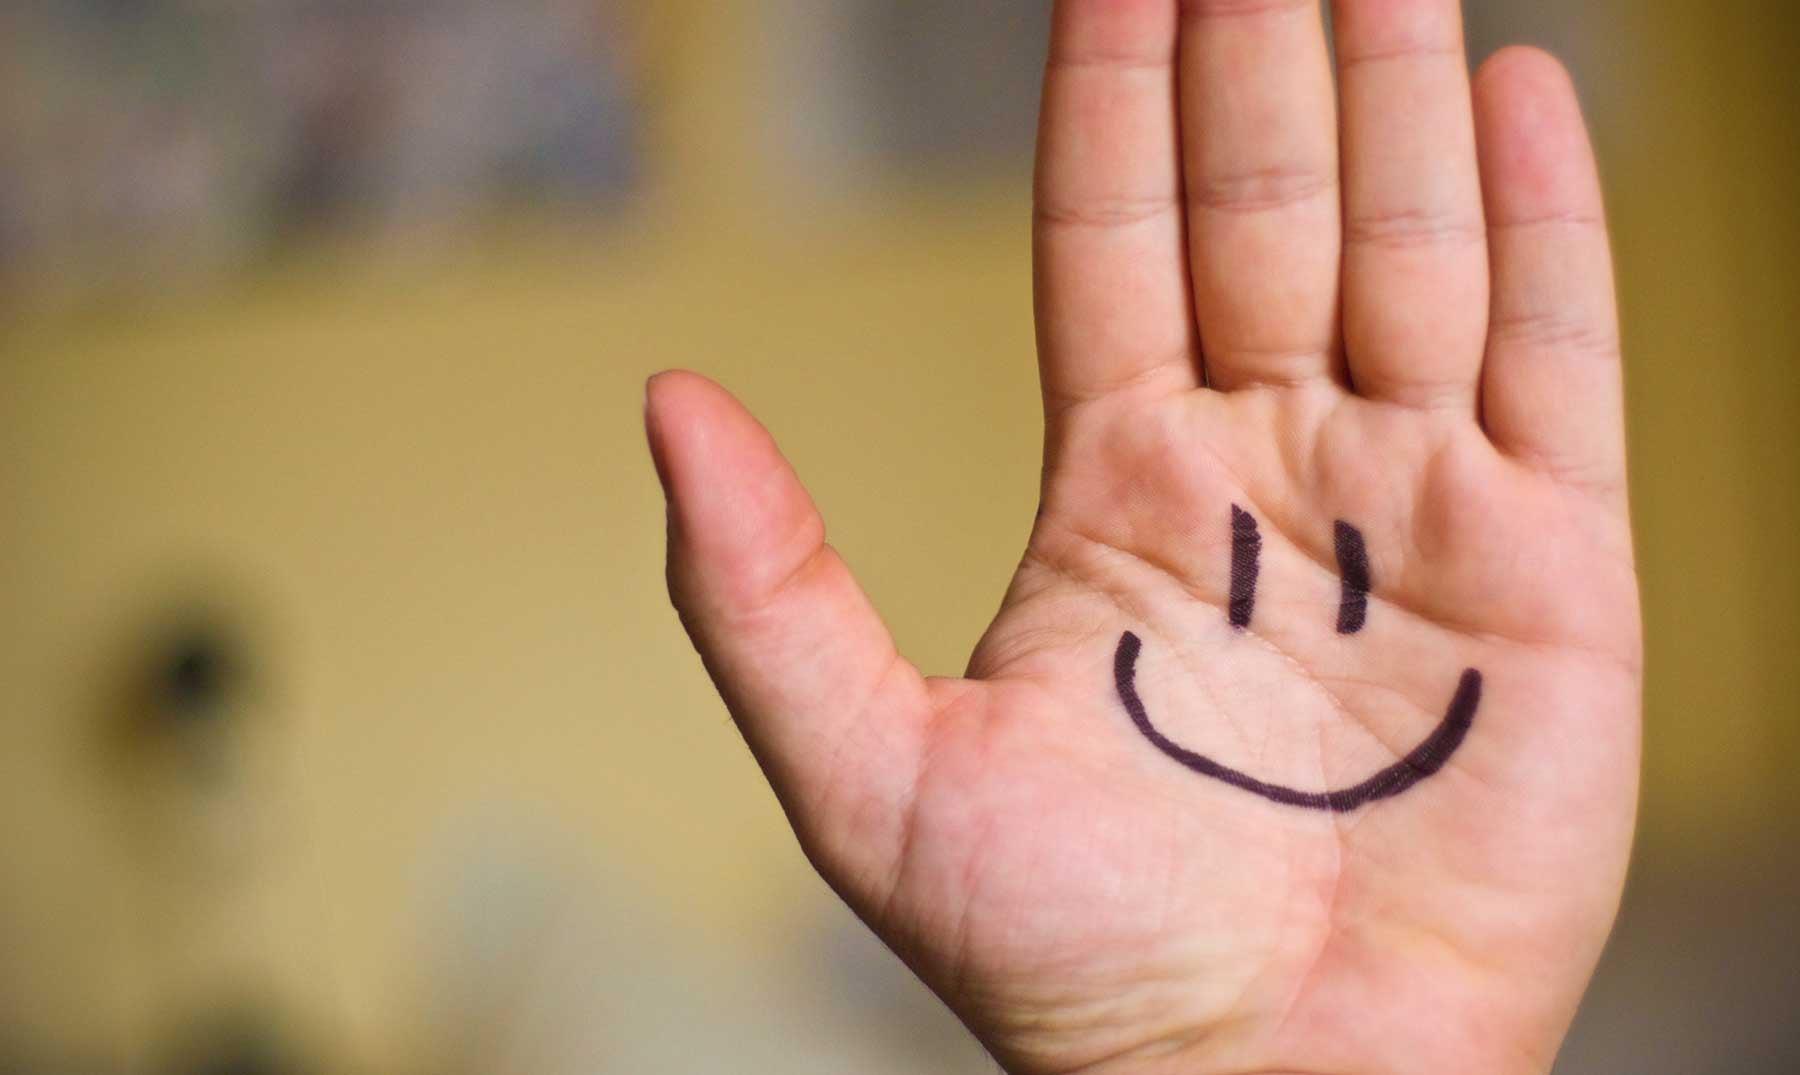 https://lamenteesmaravillosa.com/wp-content/uploads/2015/05/10-estudios-sobre-la-felicidad.jpg